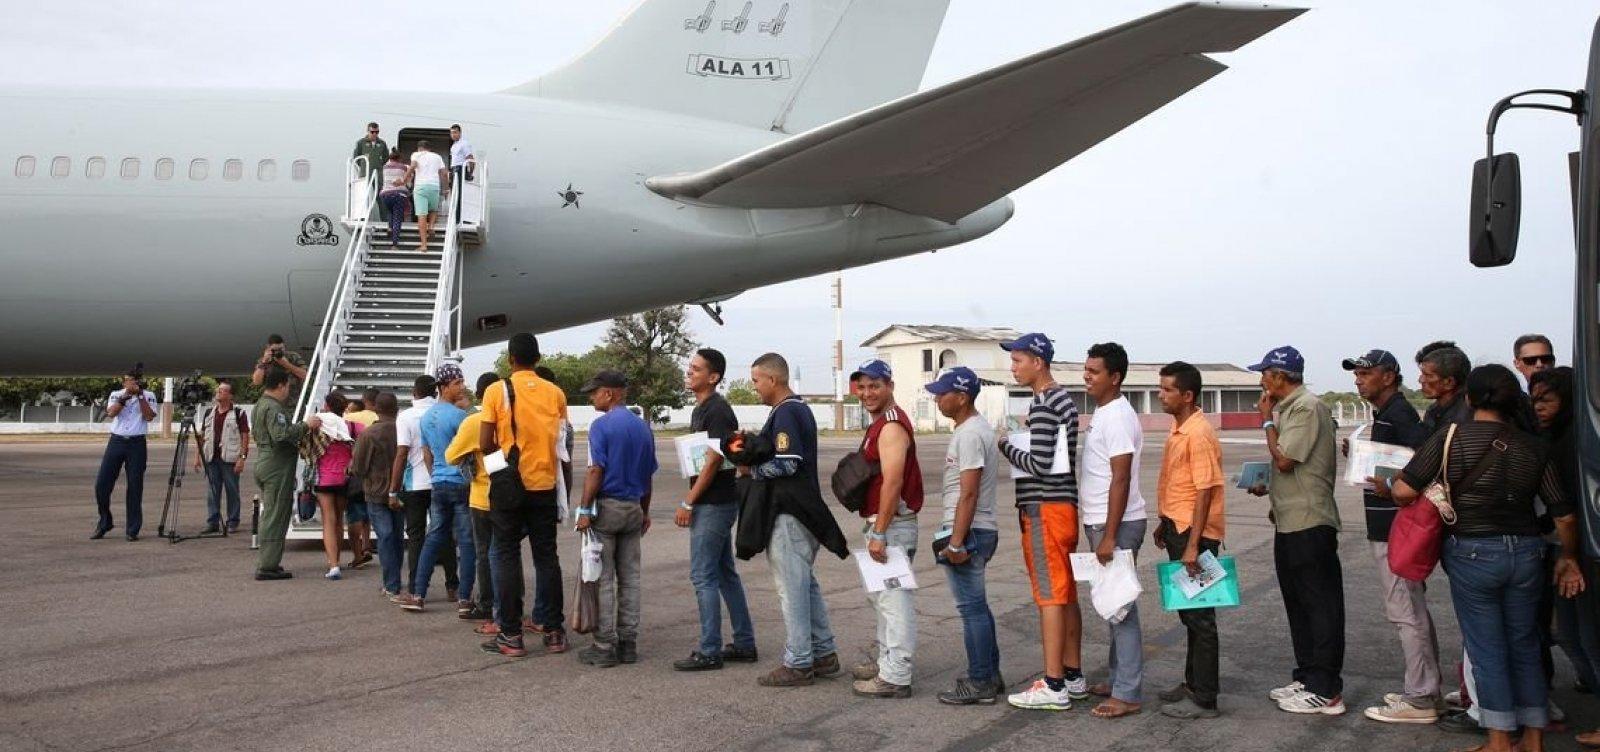 [Bahia recebe a maior parte dos imigrantes internacionais registrados no Nordeste, mostra estudo]